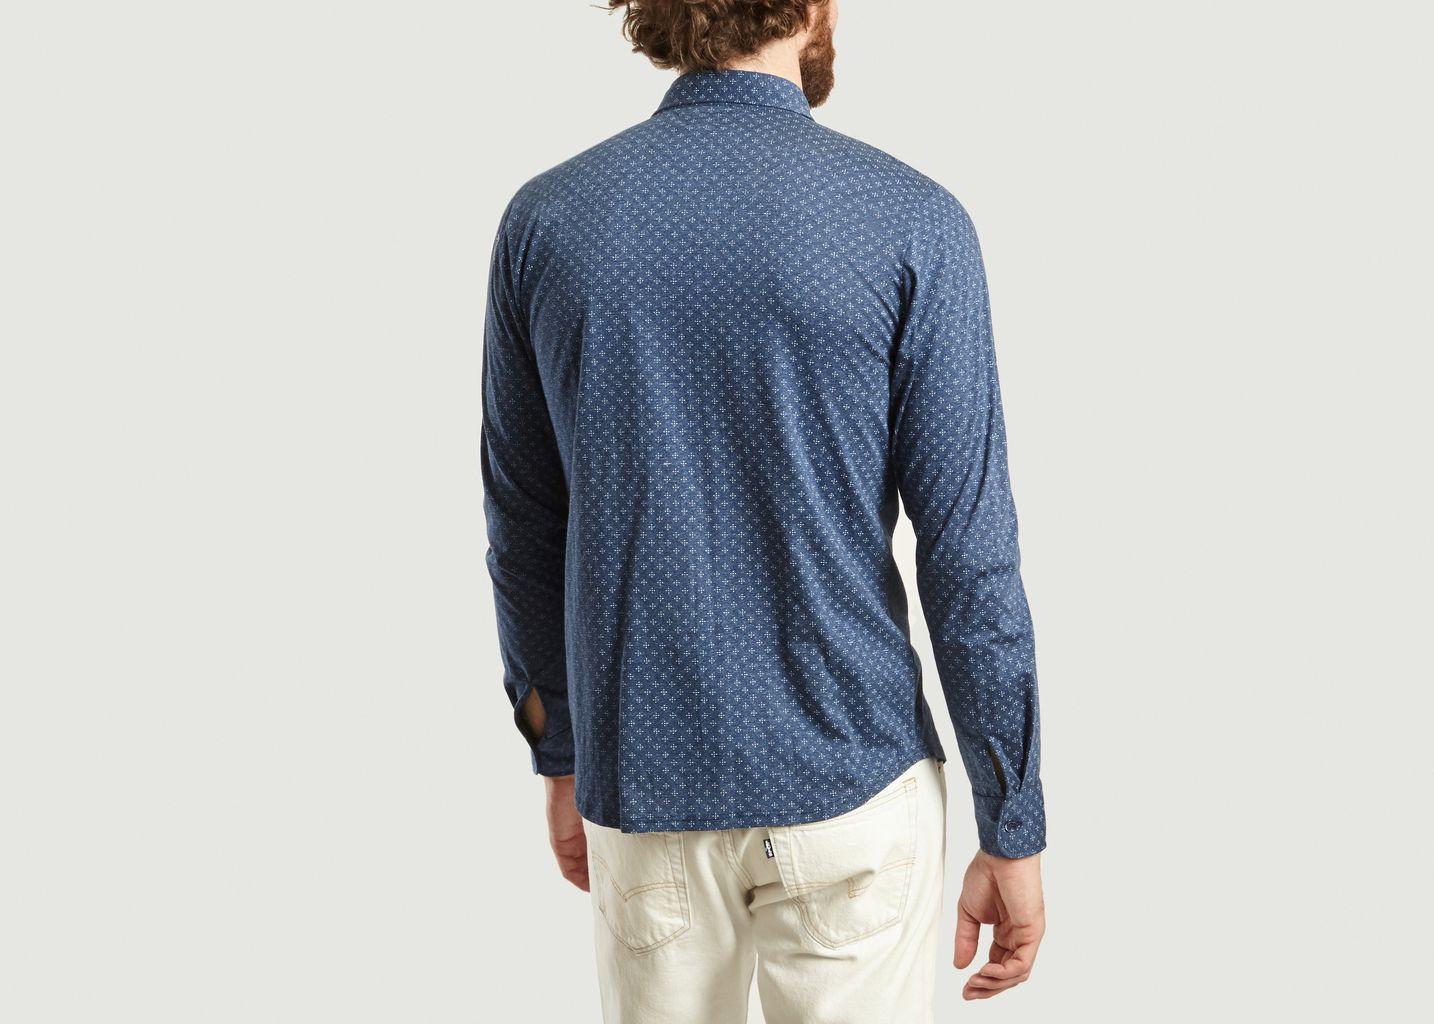 Chemise John en jersey de coton - agnès b.